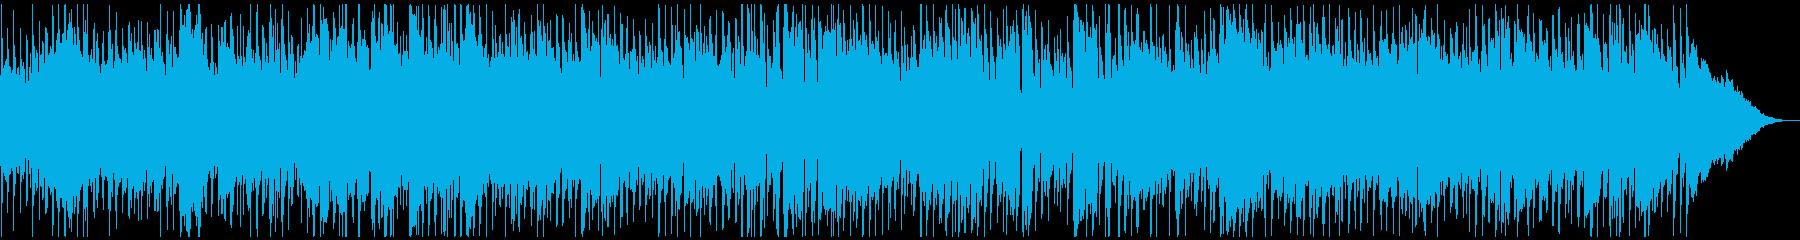 生音ハーモニカの元気一杯ロックンロールの再生済みの波形